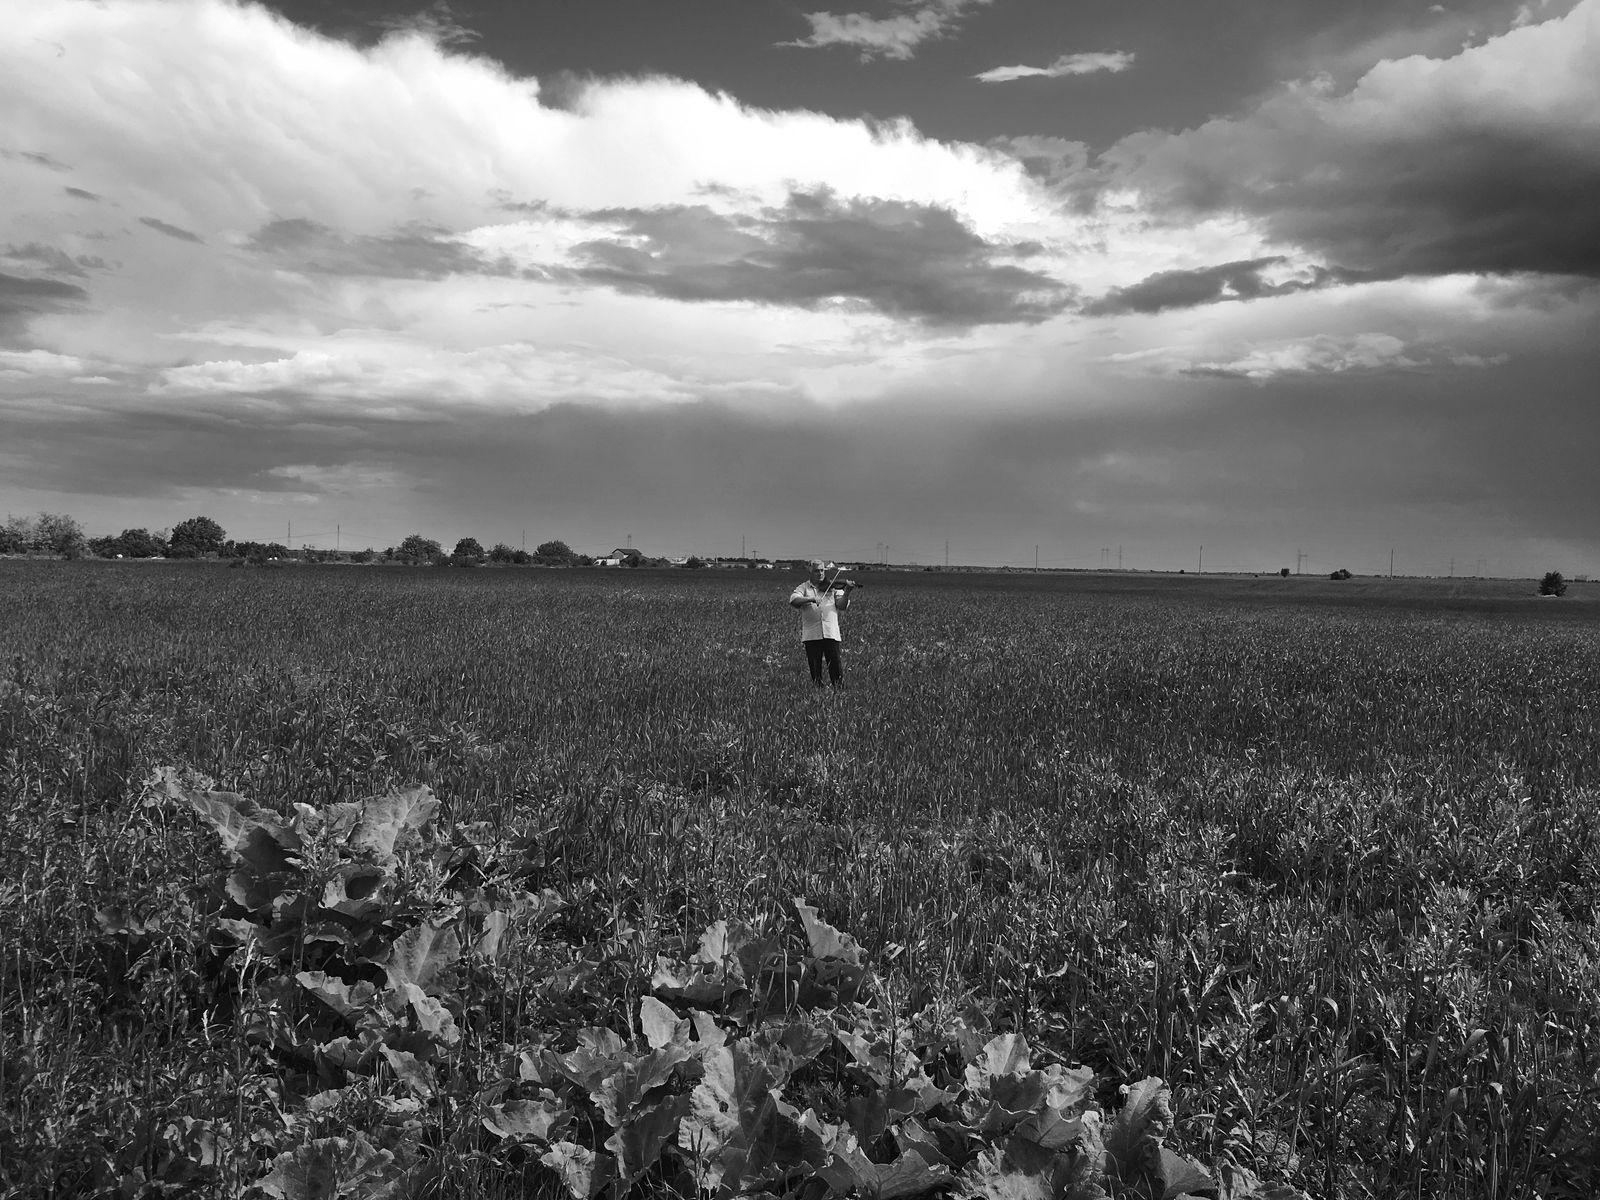 TRIO (BANDE-ANNONCE) Documentaire de Ana Dumitrescu - Le 16 septembre 2020 au cinéma